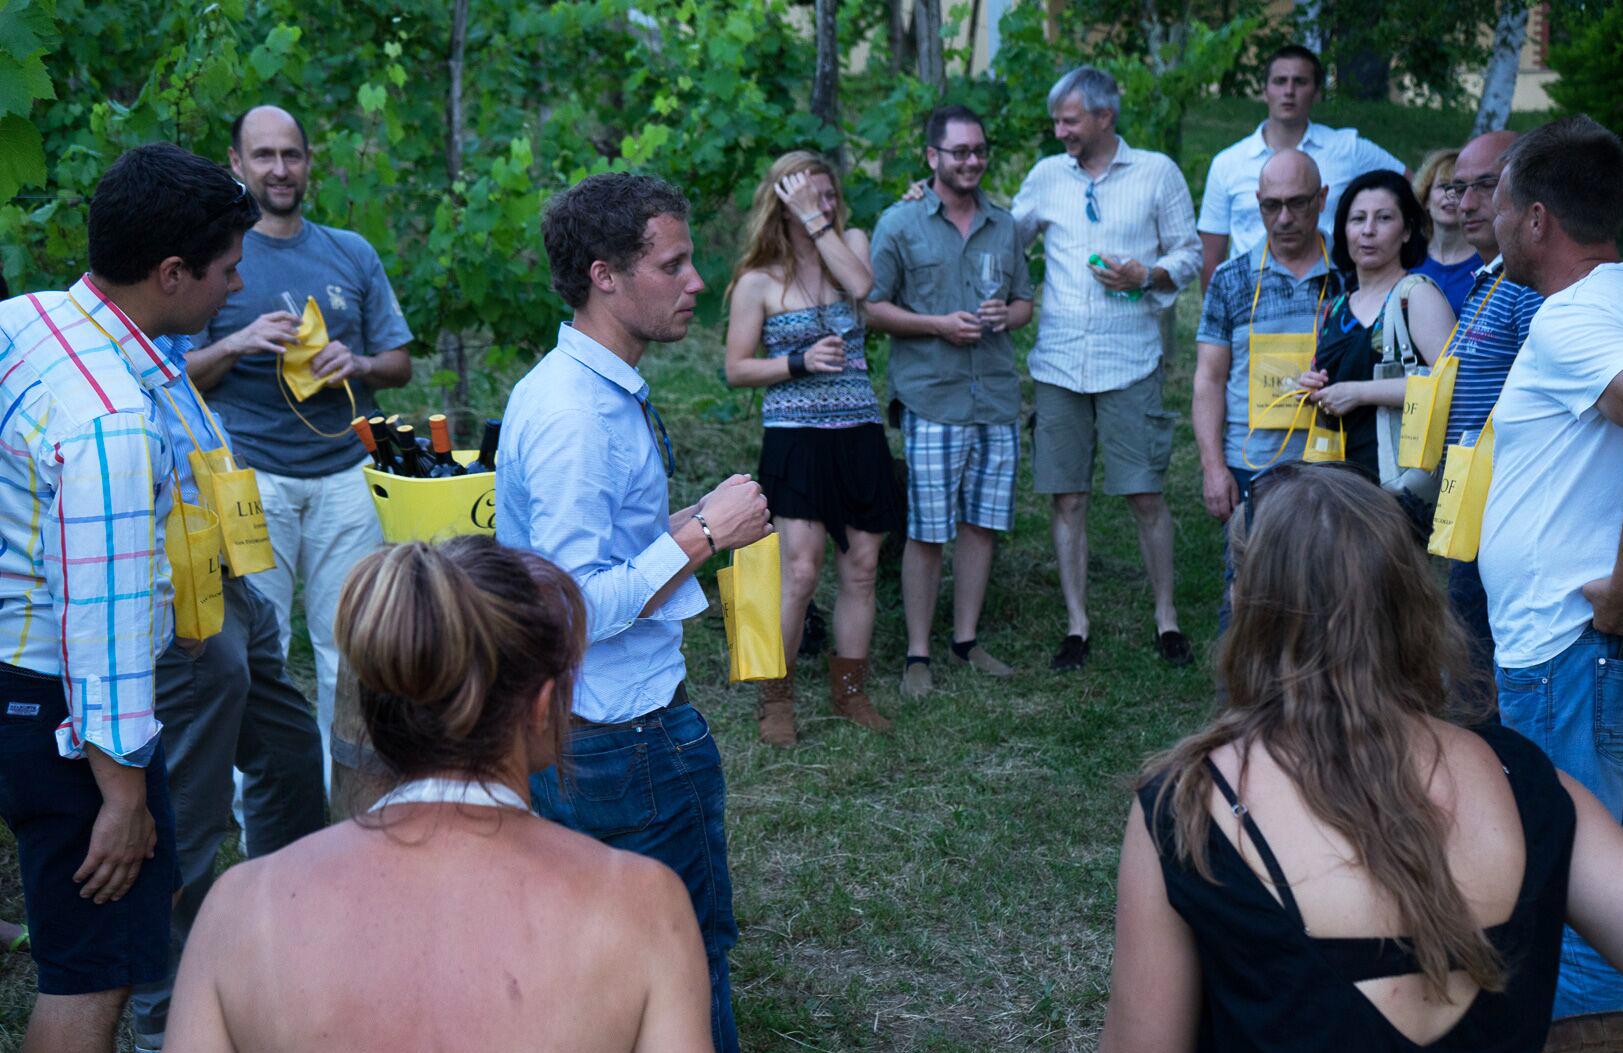 Likof 2015 Degustazione al tramonte nel vigneto, San Floriano del Collio Števerjan (FVG) Pokušnja vin v vinogradu